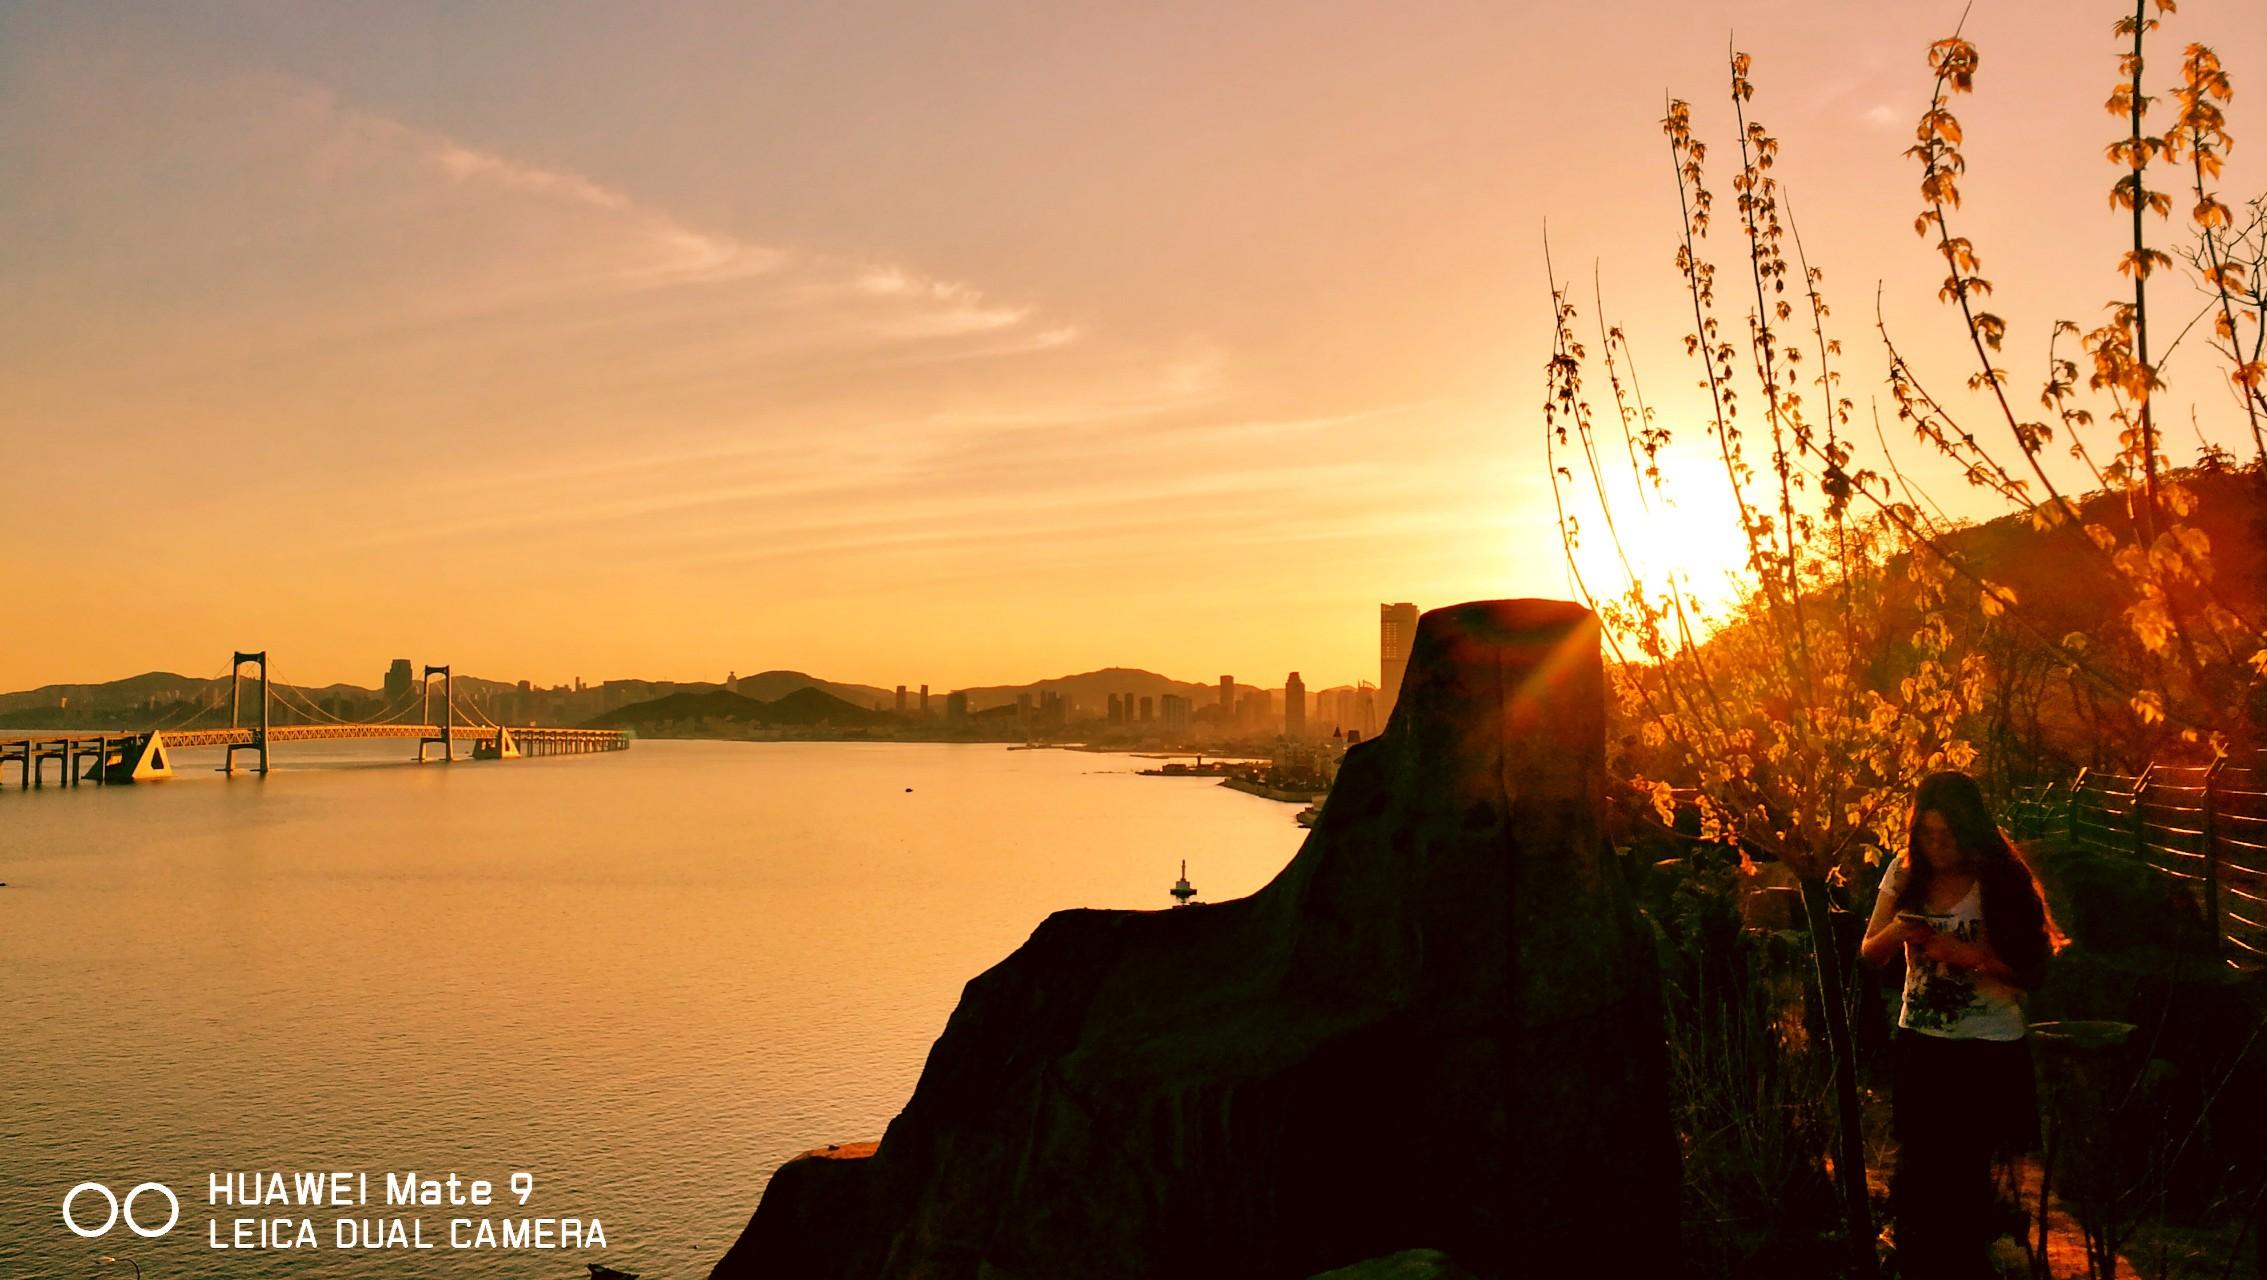 【光影生活】落日黄昏,花粉随手拍-花粉俱乐部